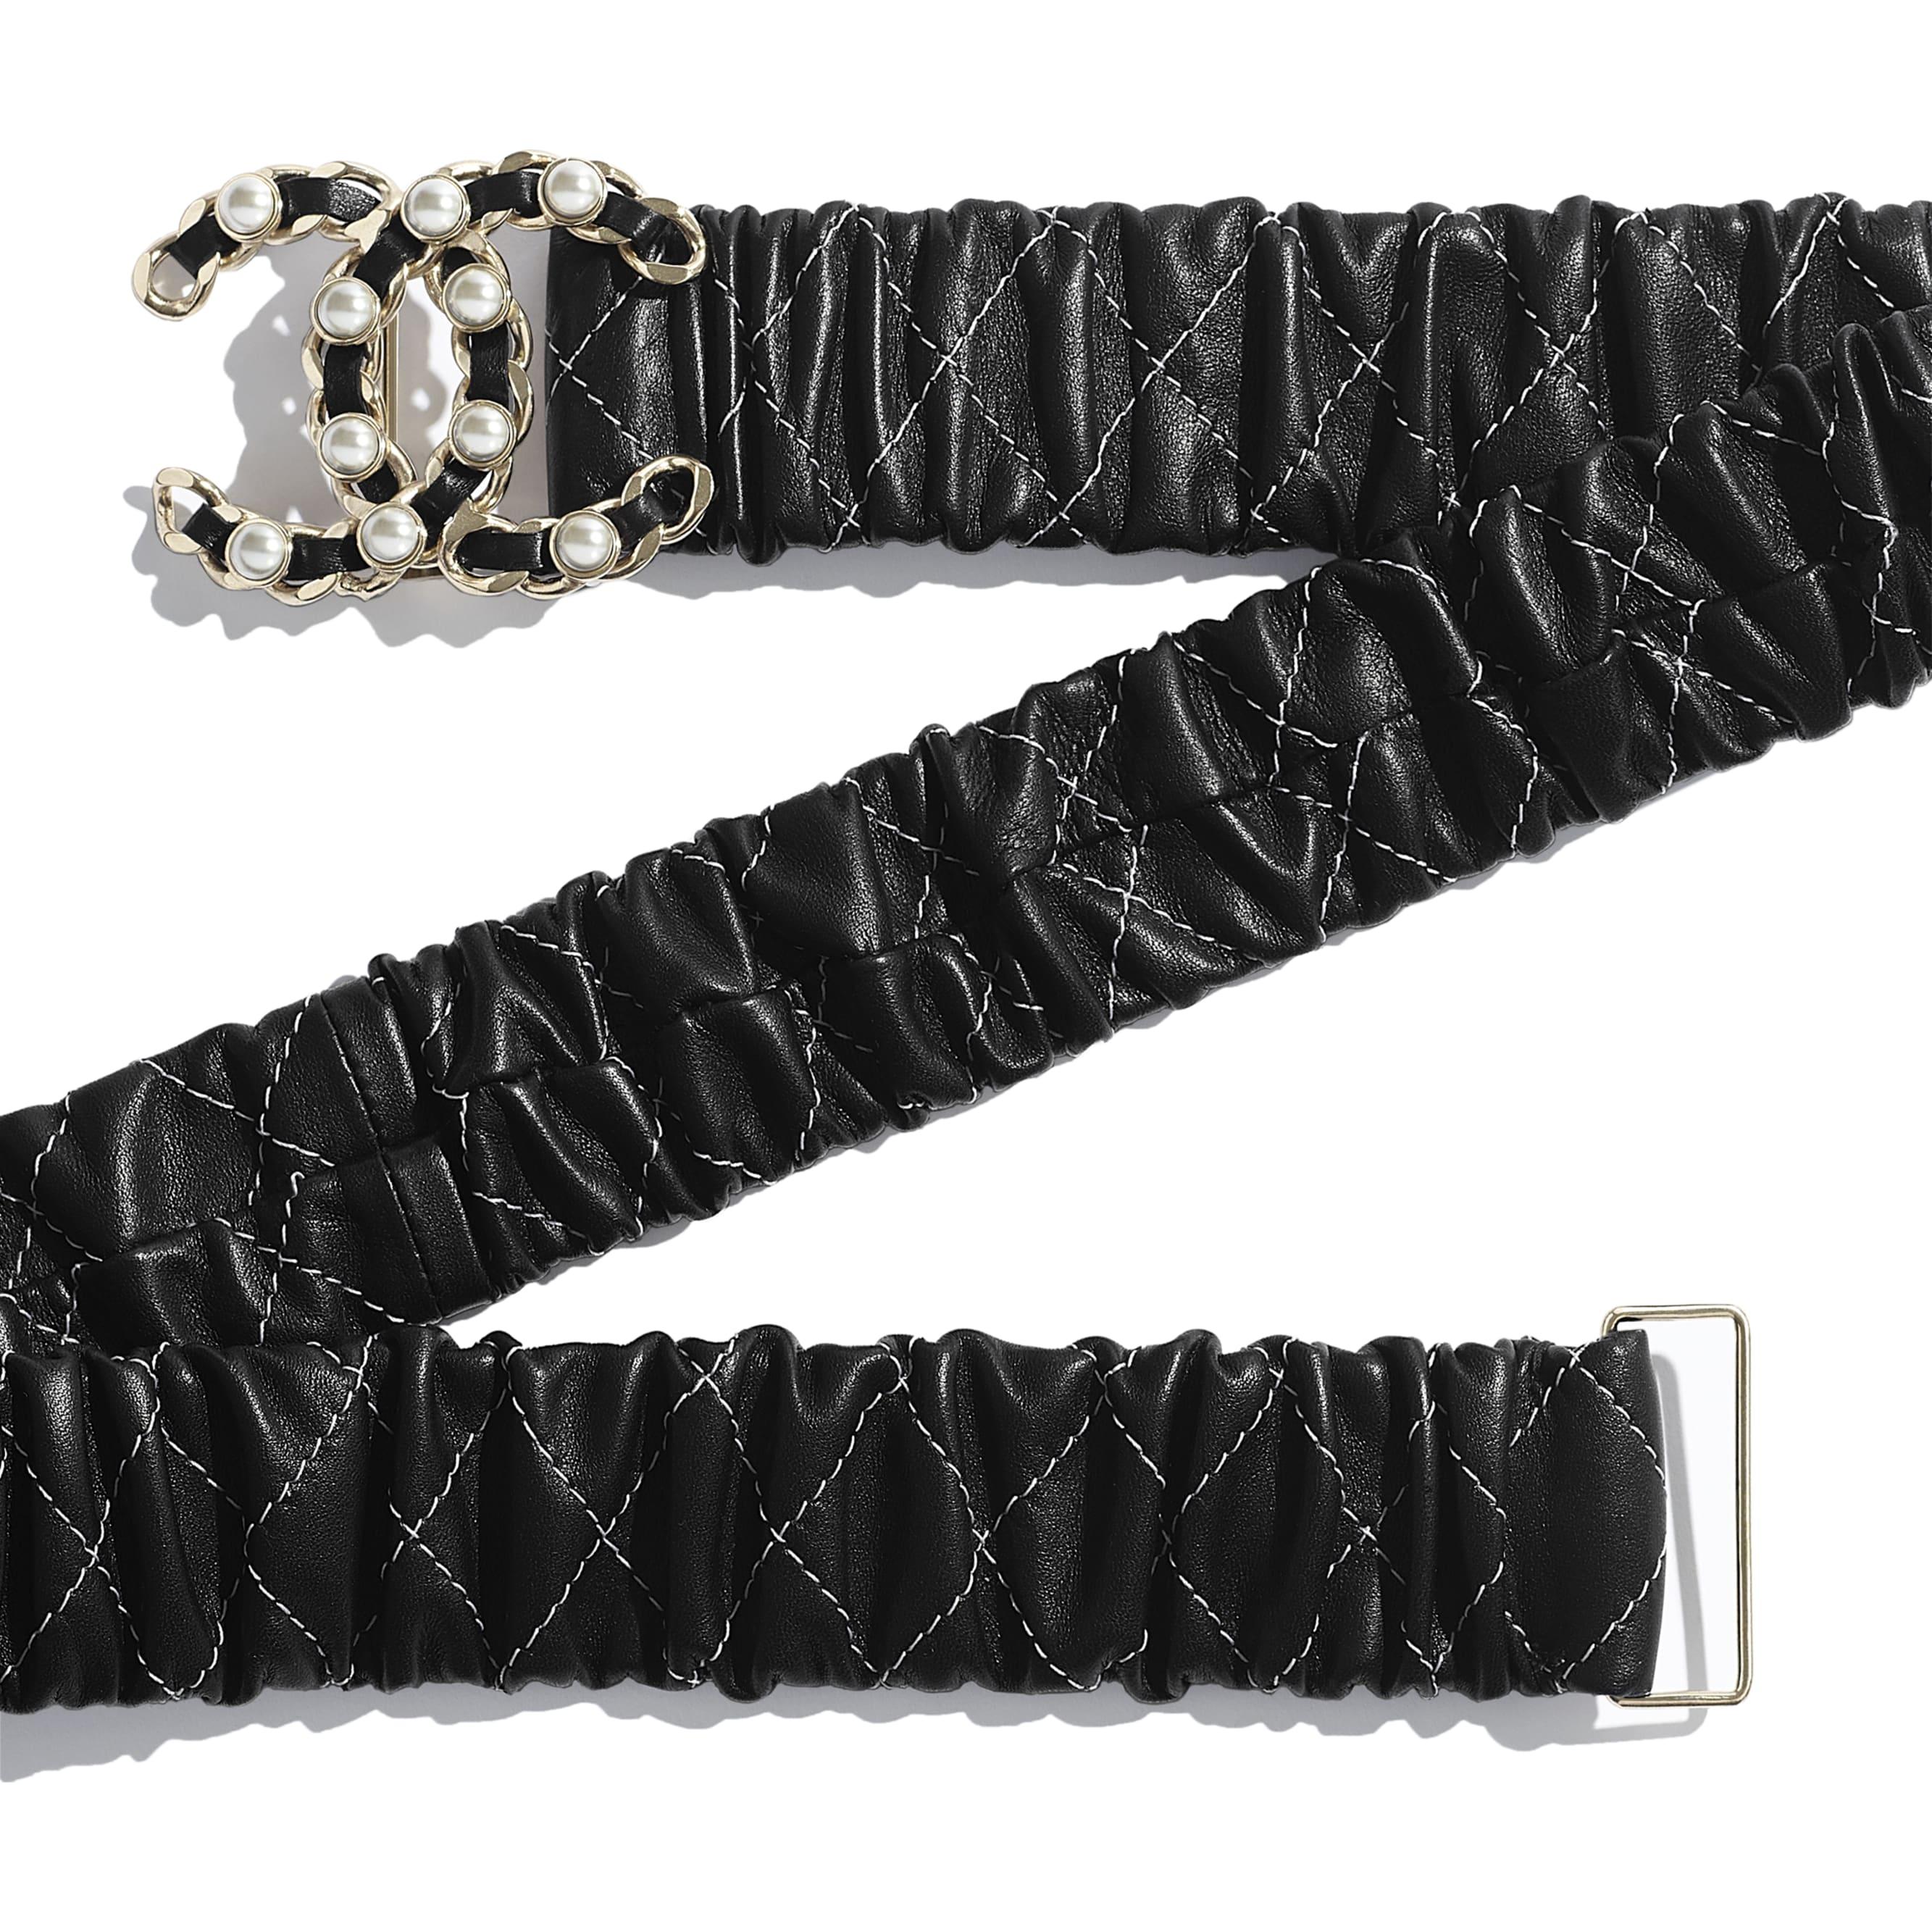 Belt - Black - Lambskin, Gold-Tone Metal & Glass Pearls - Alternative view - see standard sized version